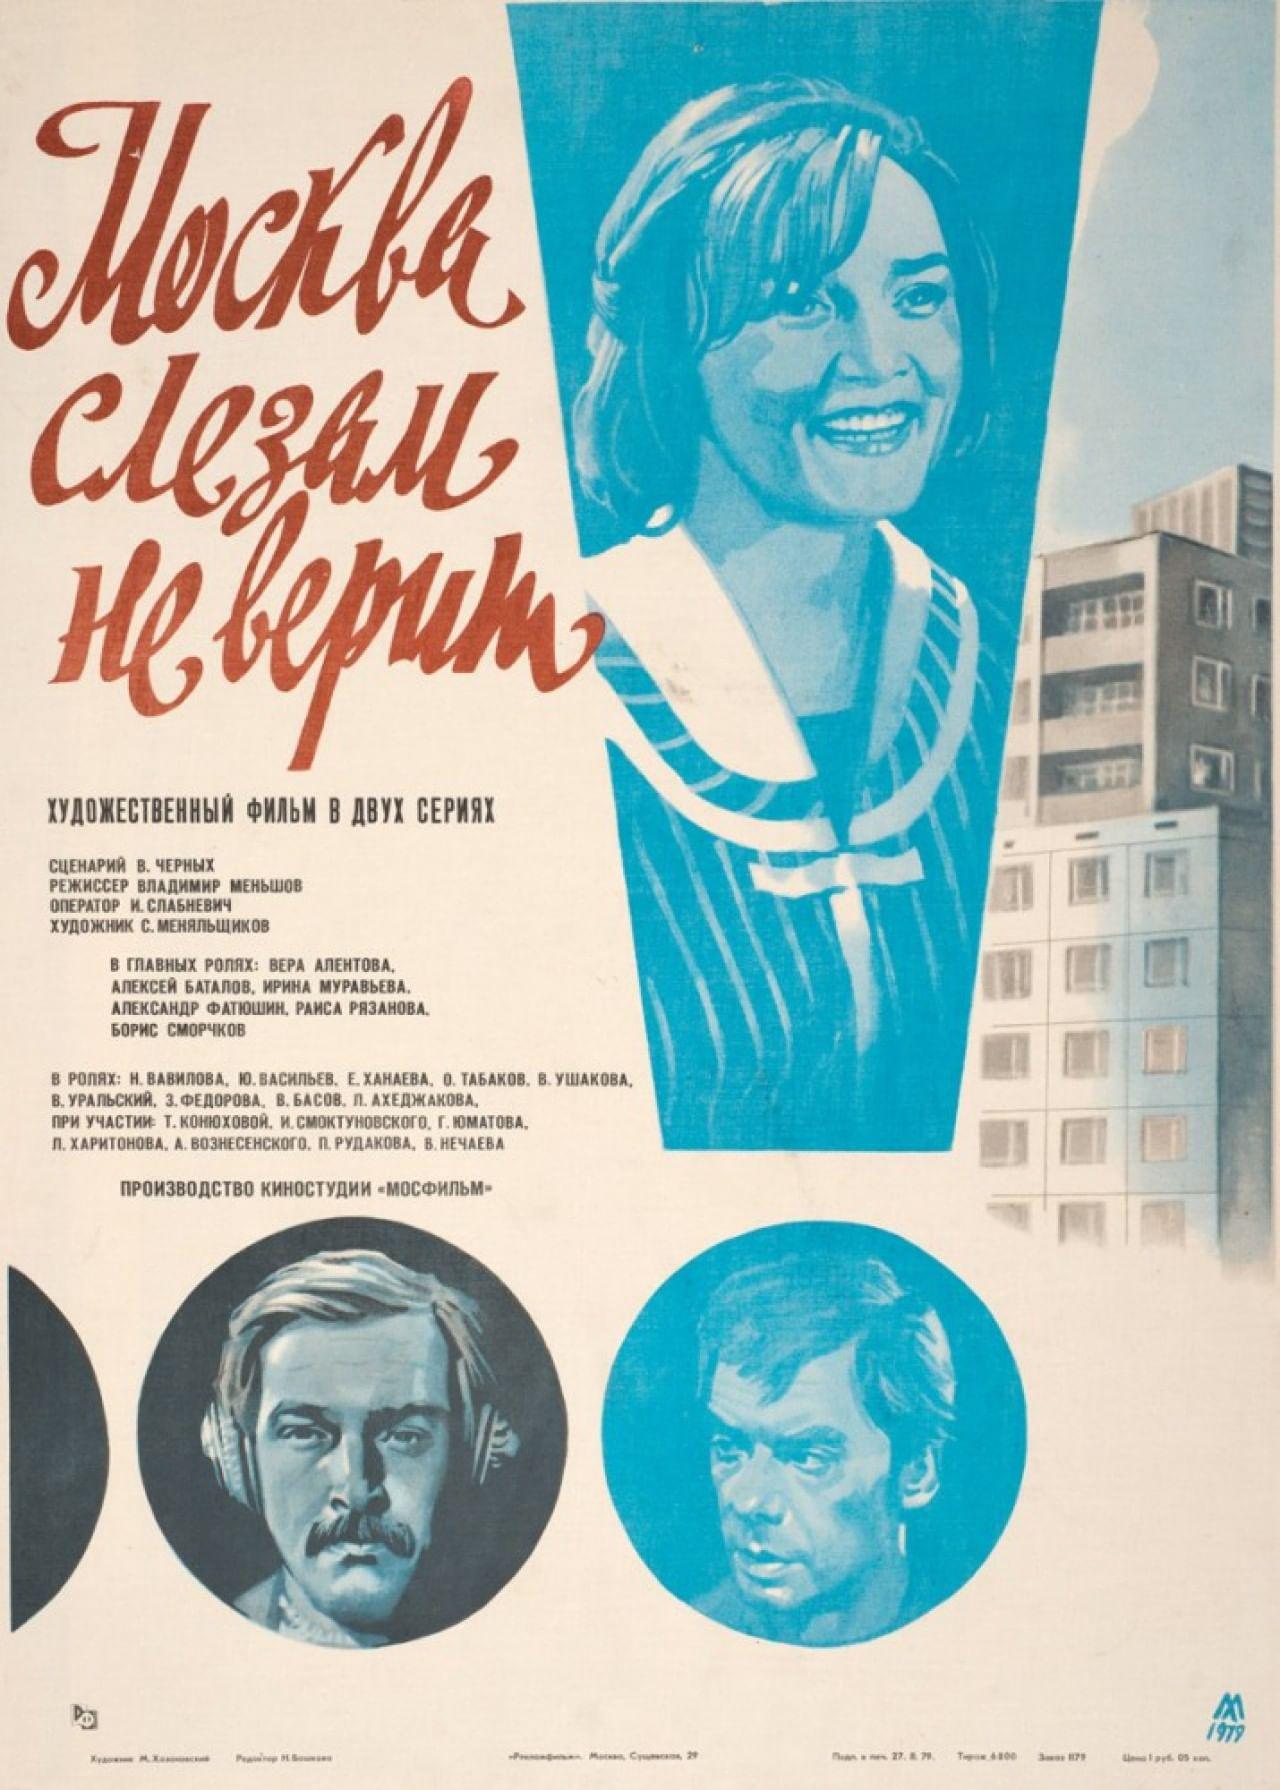 yaponki-ochkah-katalog-filmov-s-uchastiem-kati-kin